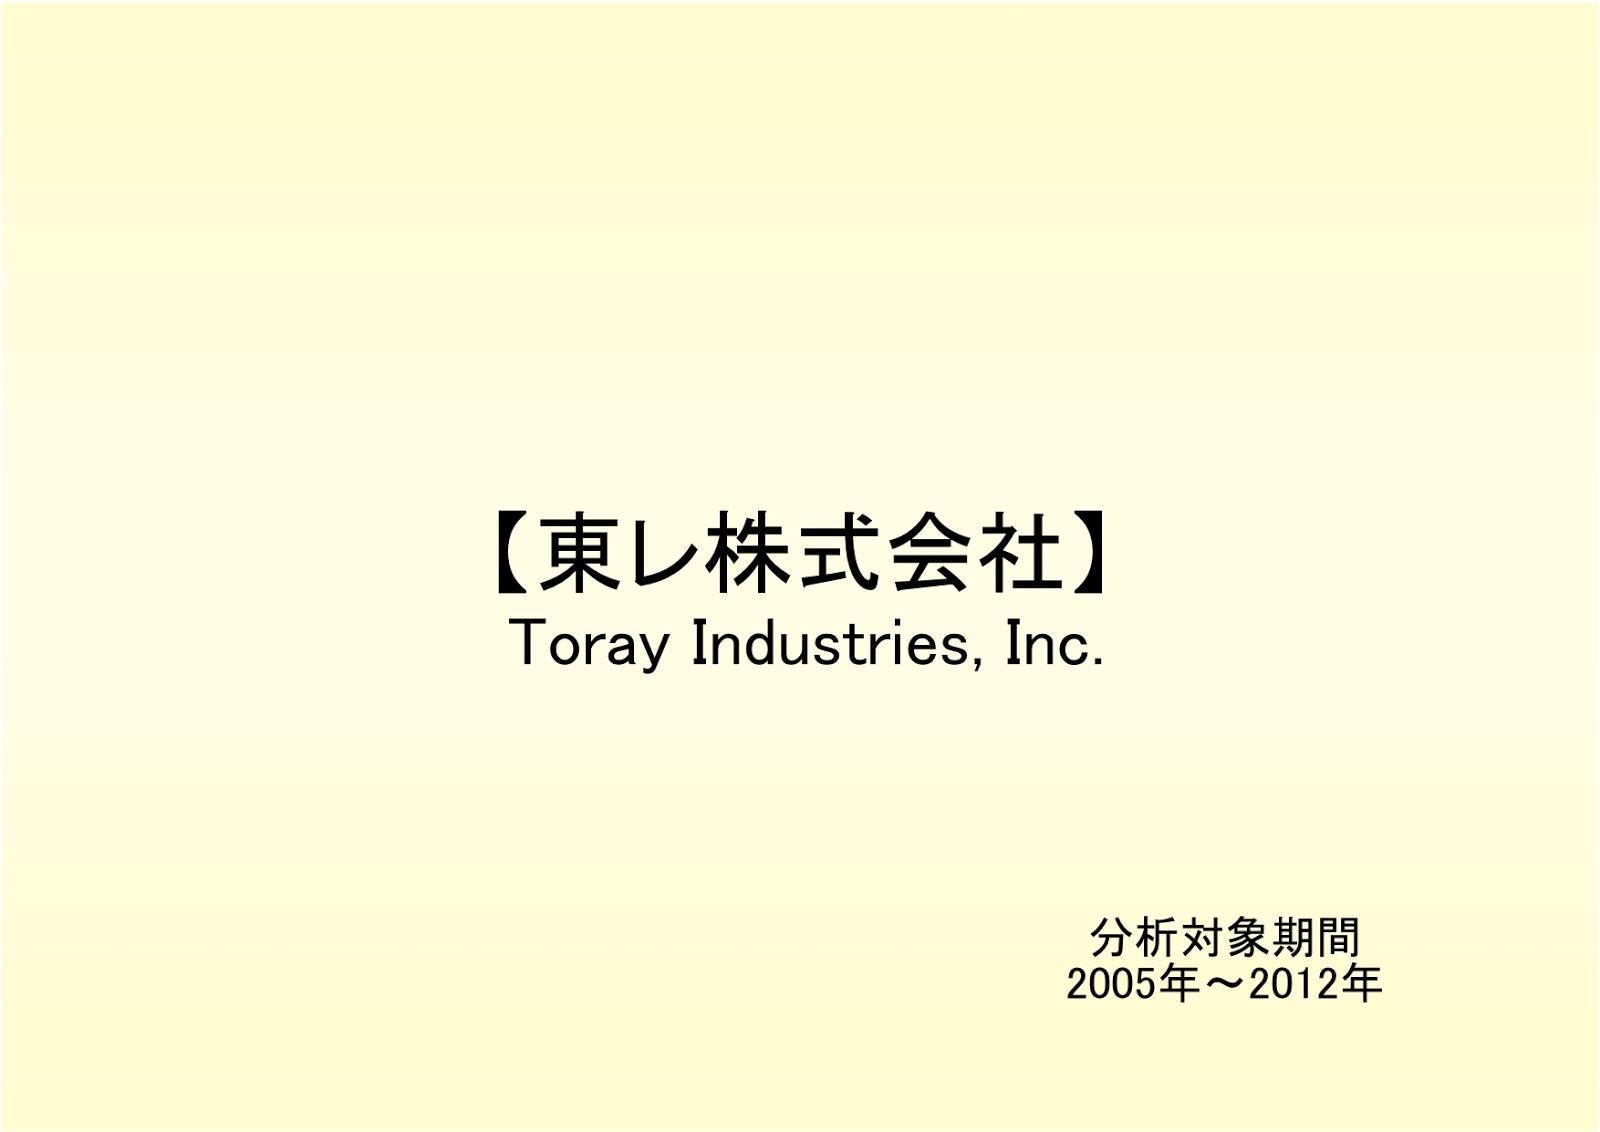 東レ株式会社の財務状況